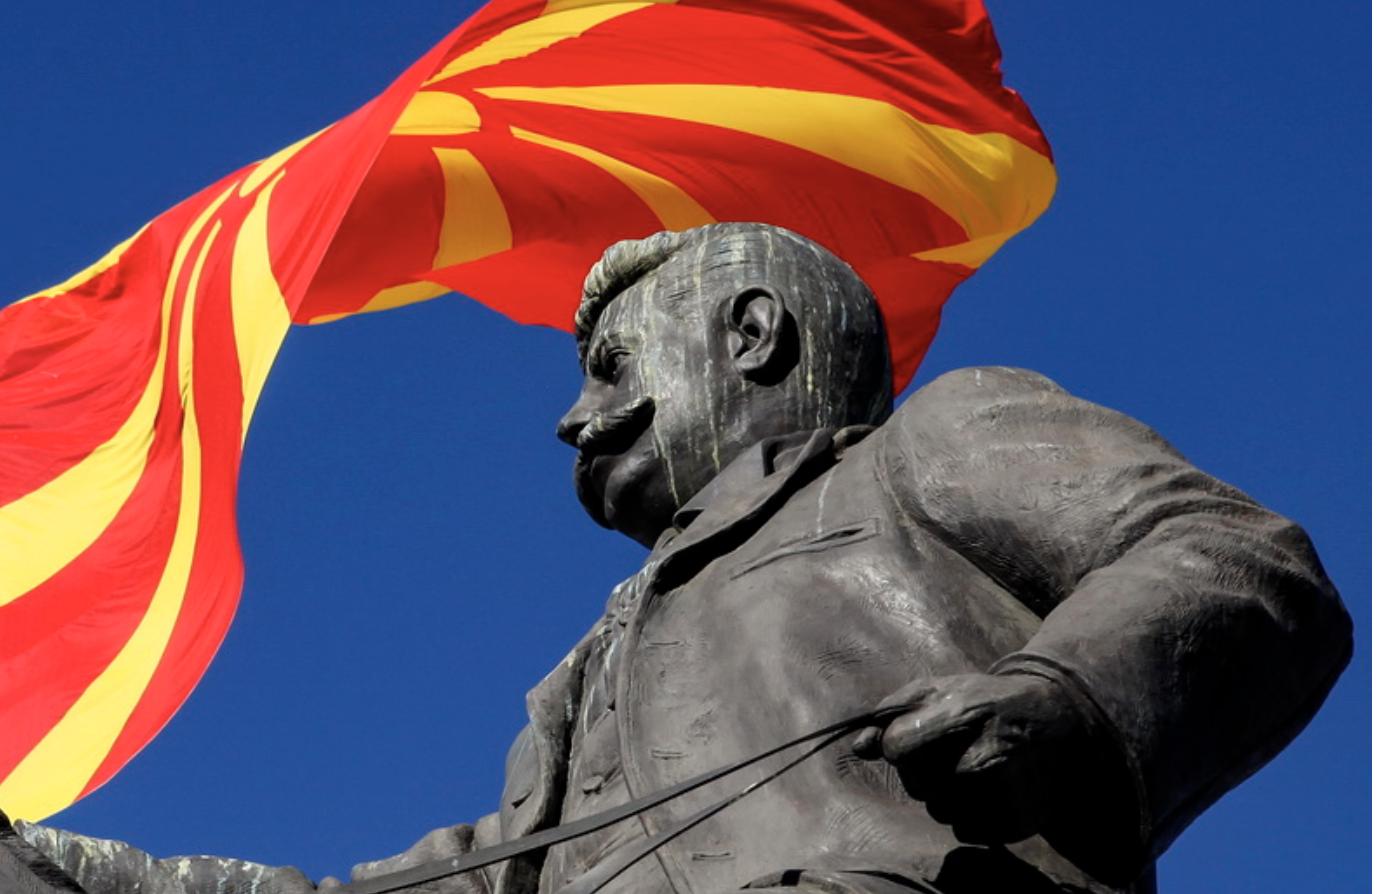 Βόρεια Μακεδονία: Δεν έχει σημειωθεί πρόοδος στο έργο της ιστορικής επιτροπής